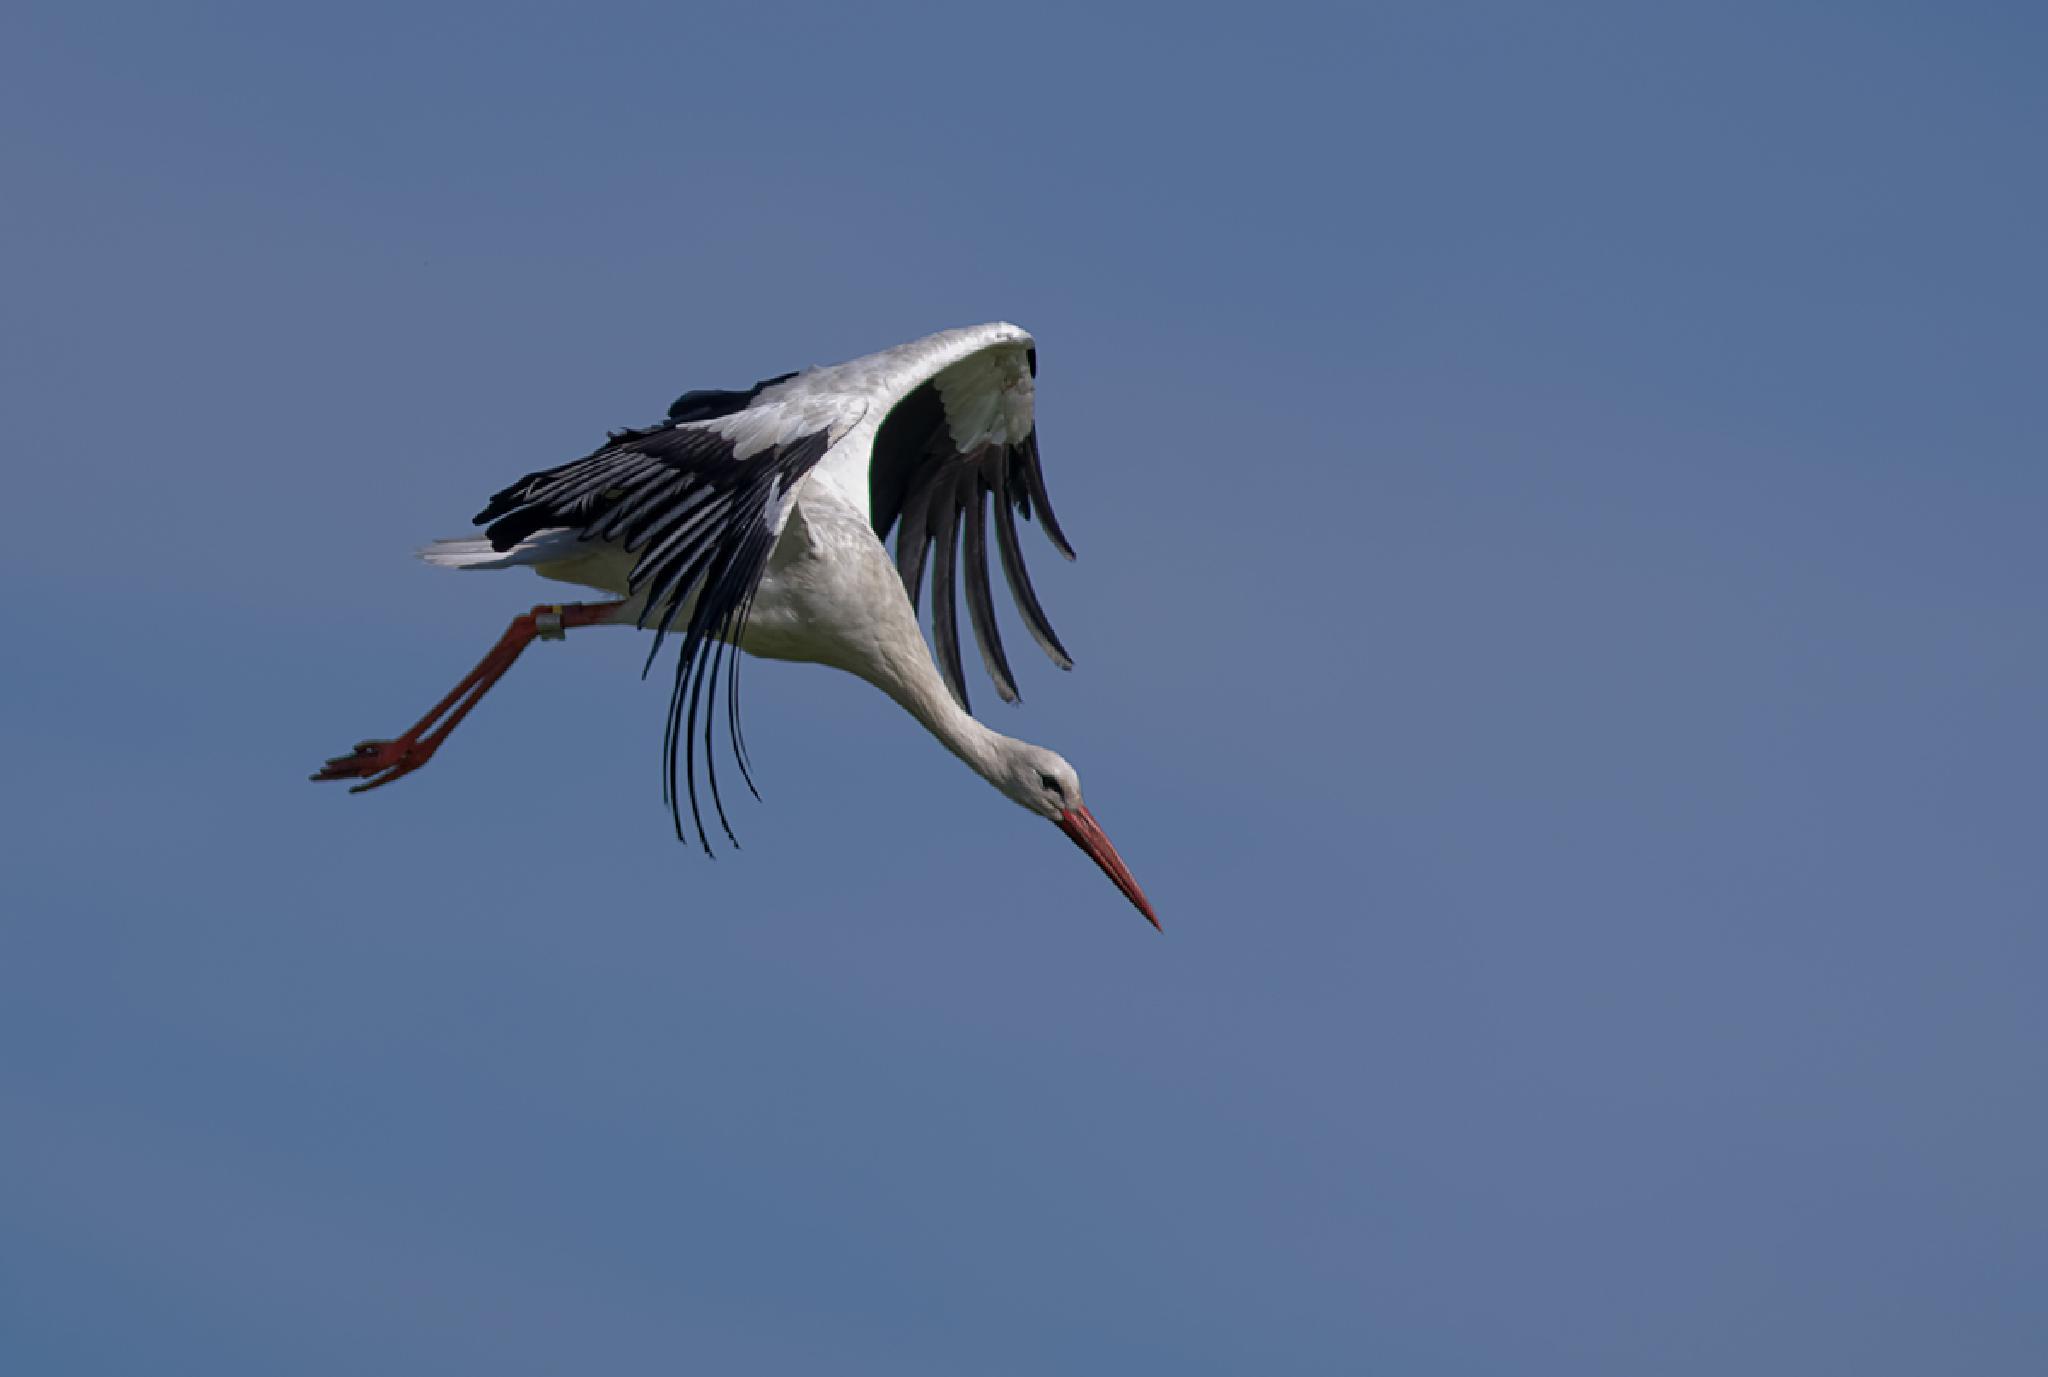 Black Stork by ole nørholm